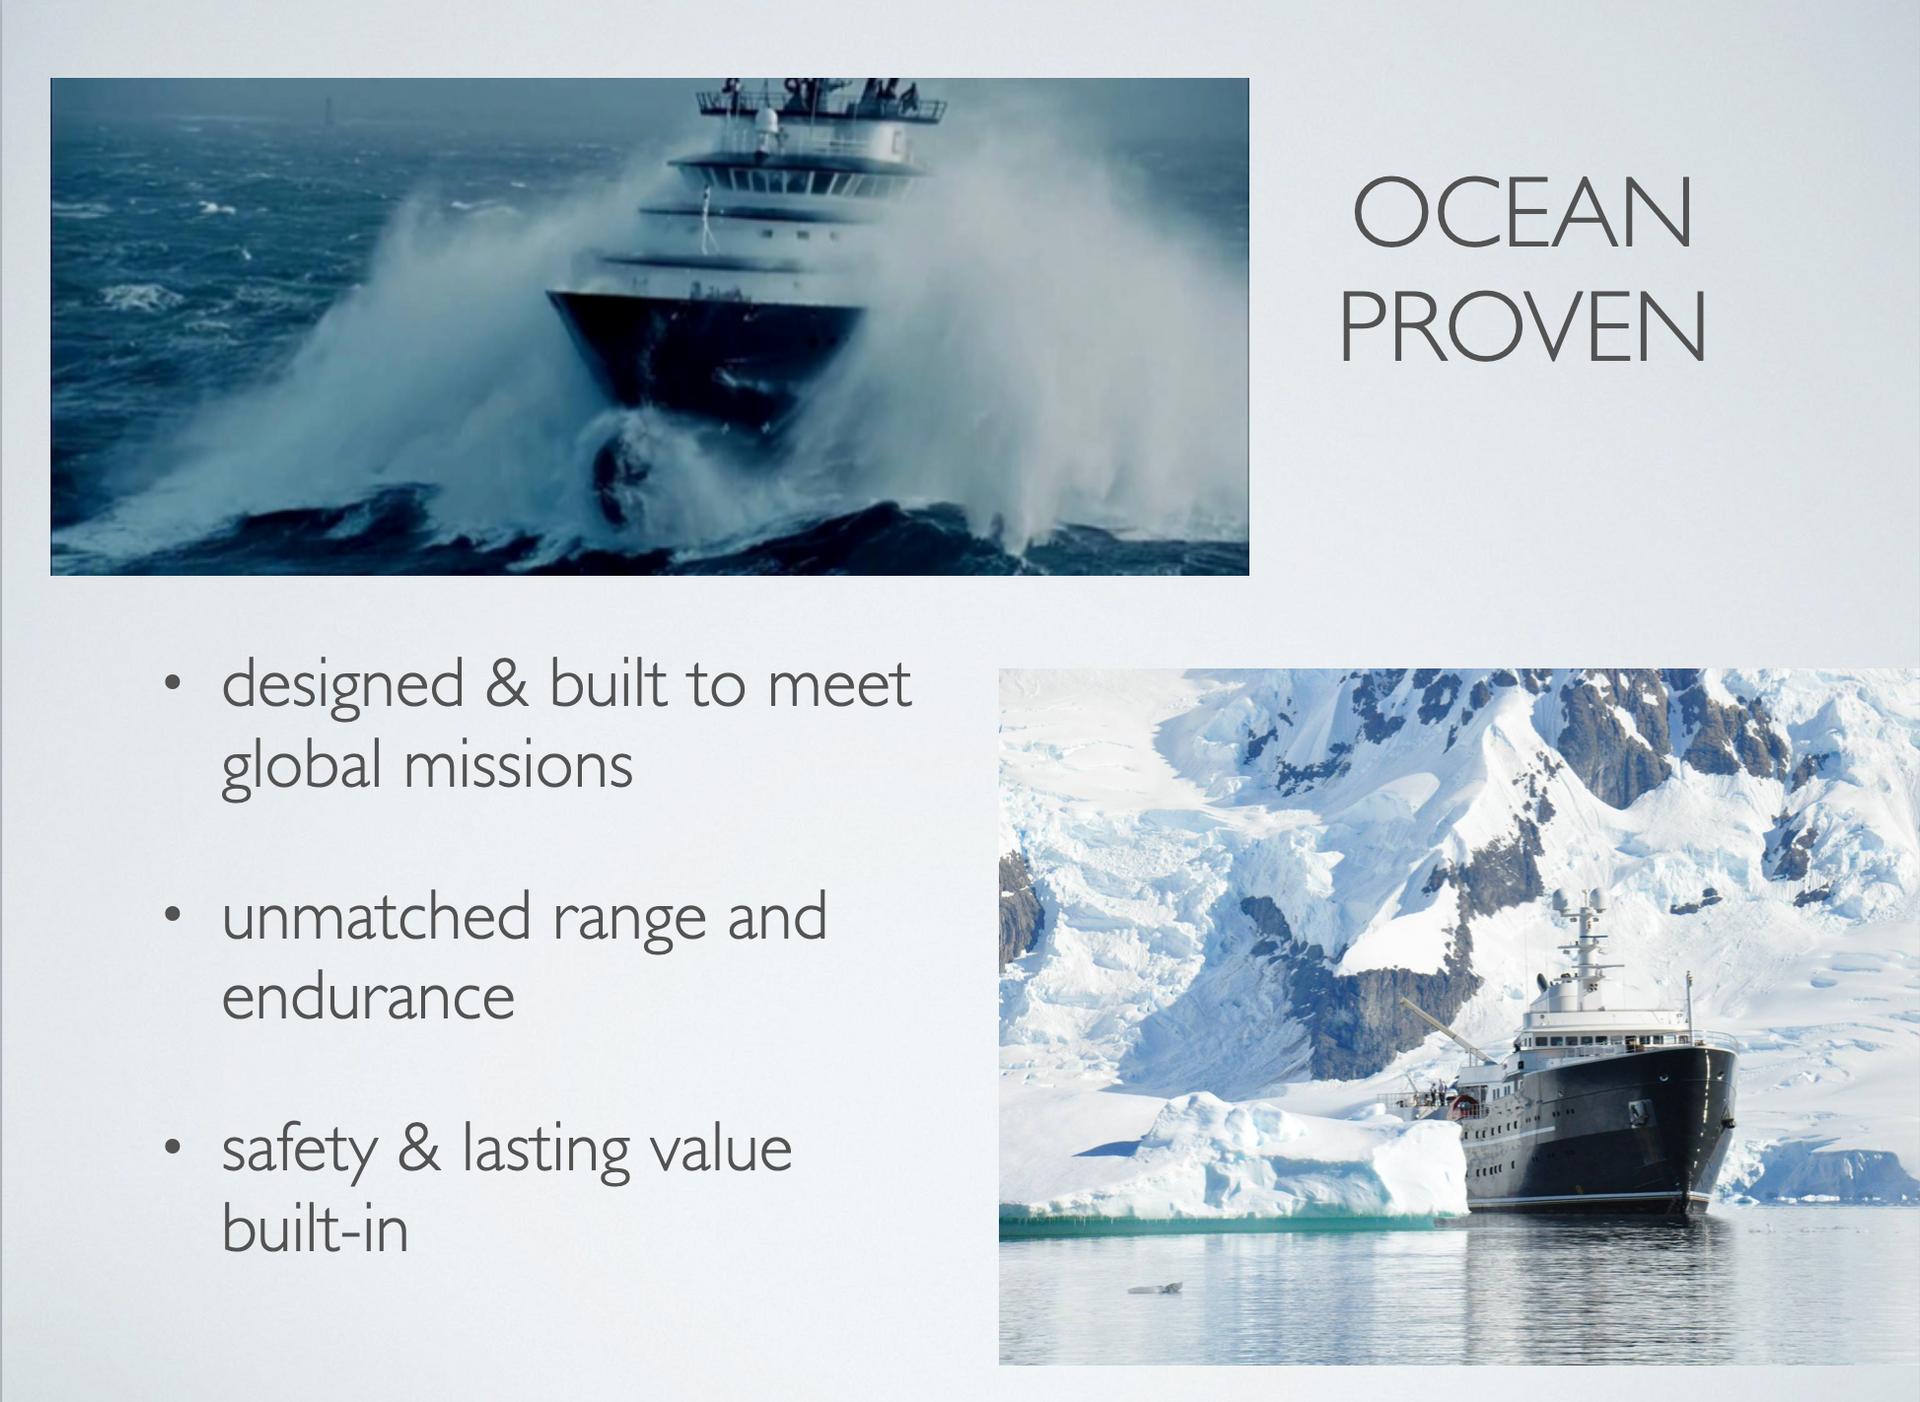 Ocean Xplorer 70 Ocean Proven